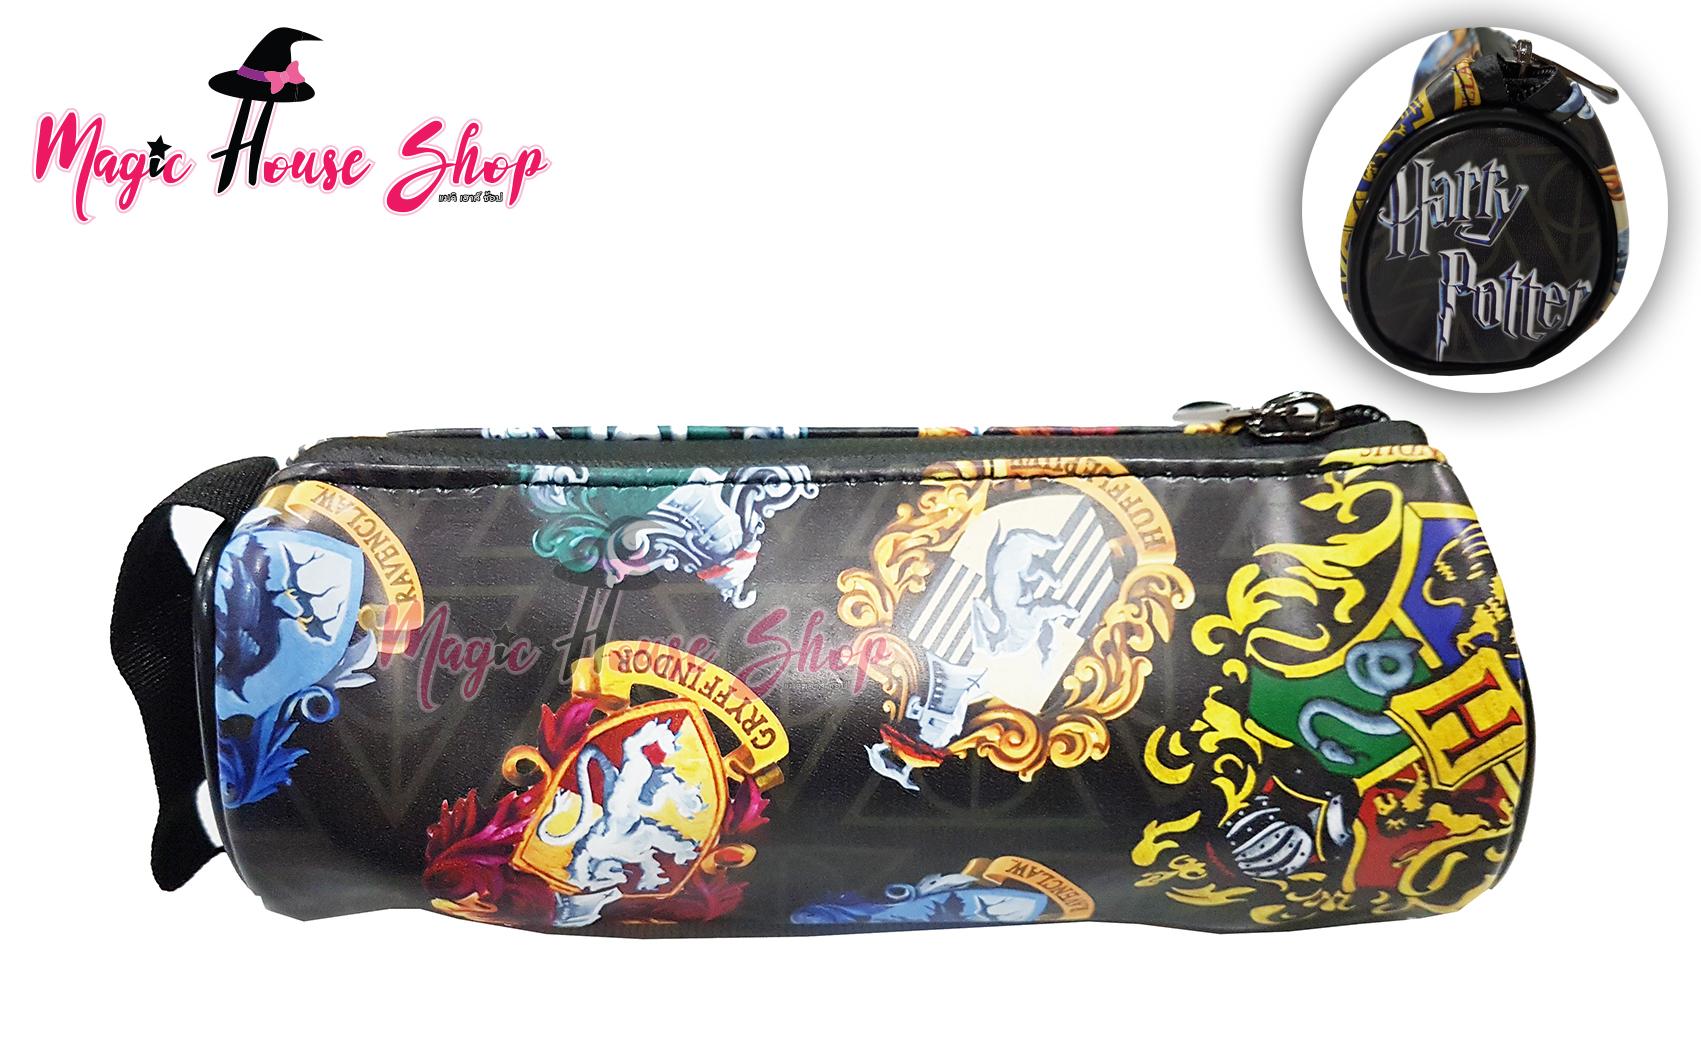 กระเป๋าดินสอ Harry Potter ฮอกวอตส์และประจำบ้าน